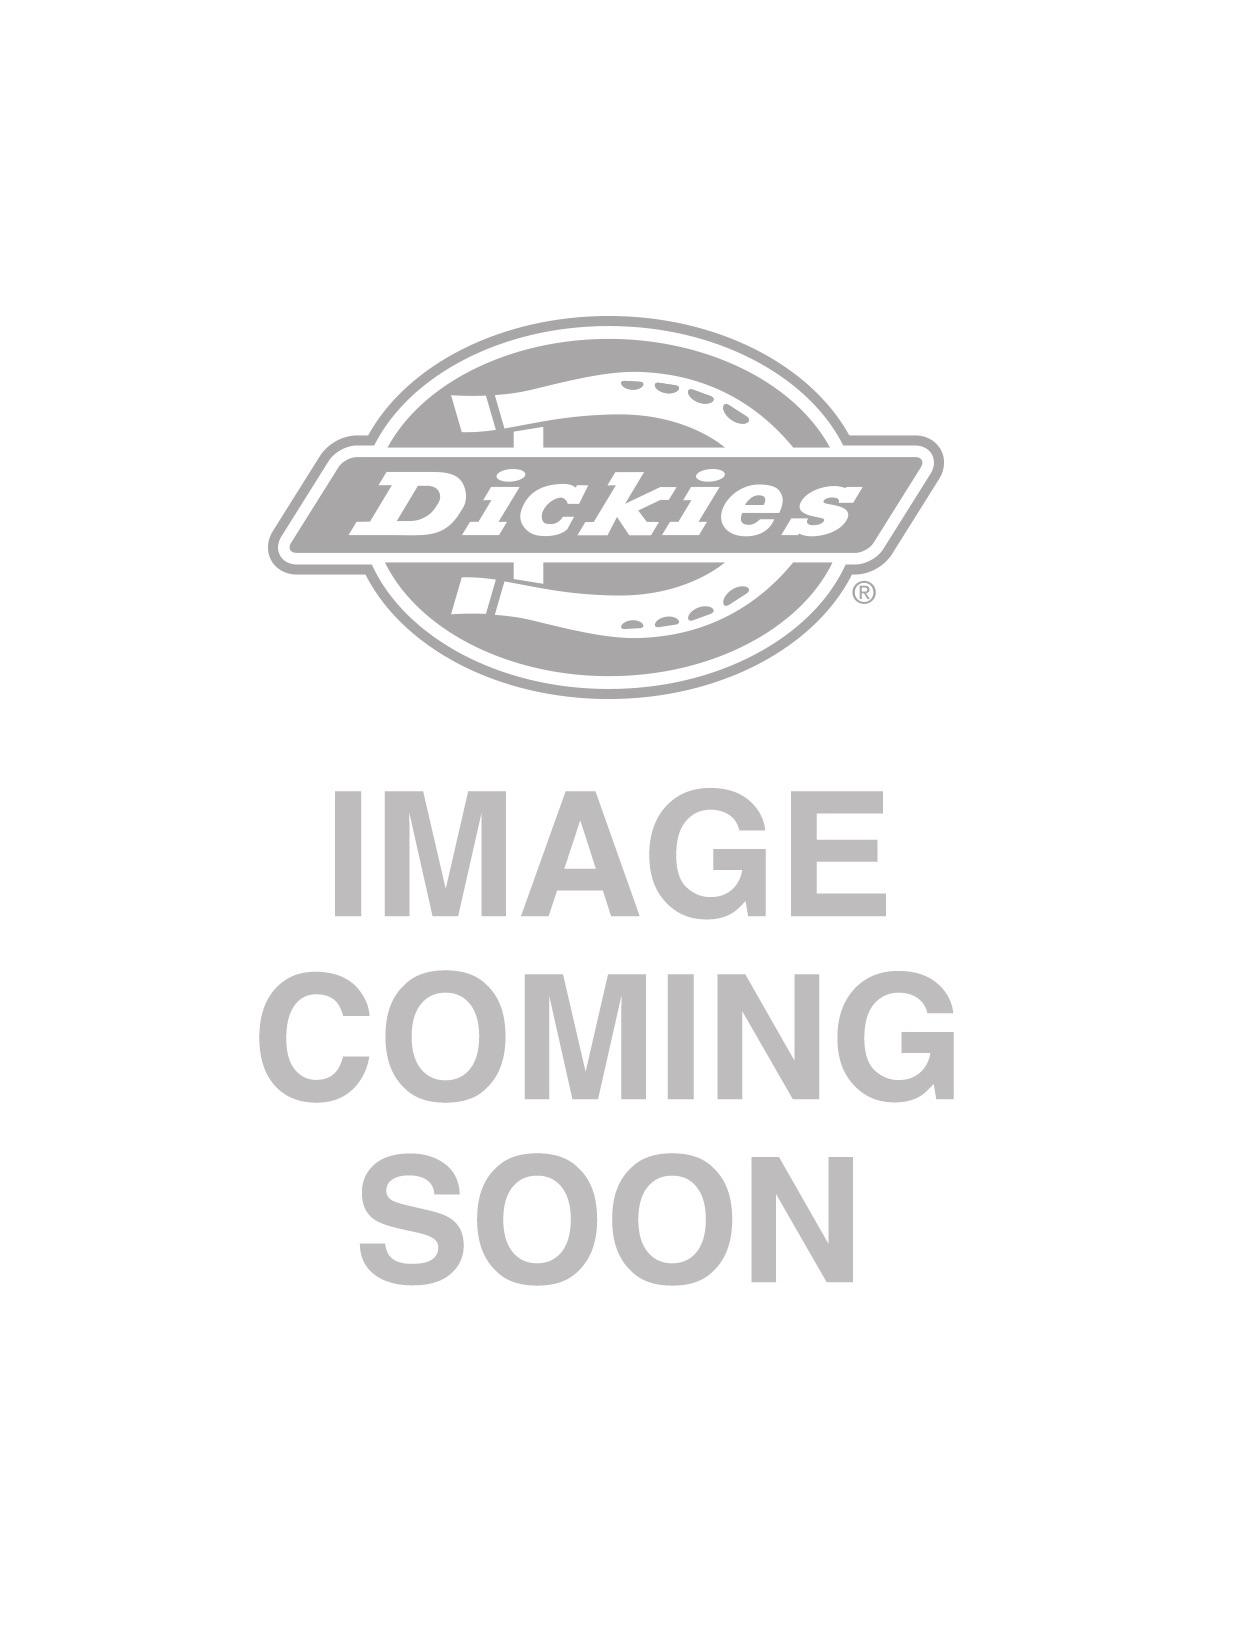 Dickies Long Sleeve Bardstown Tee